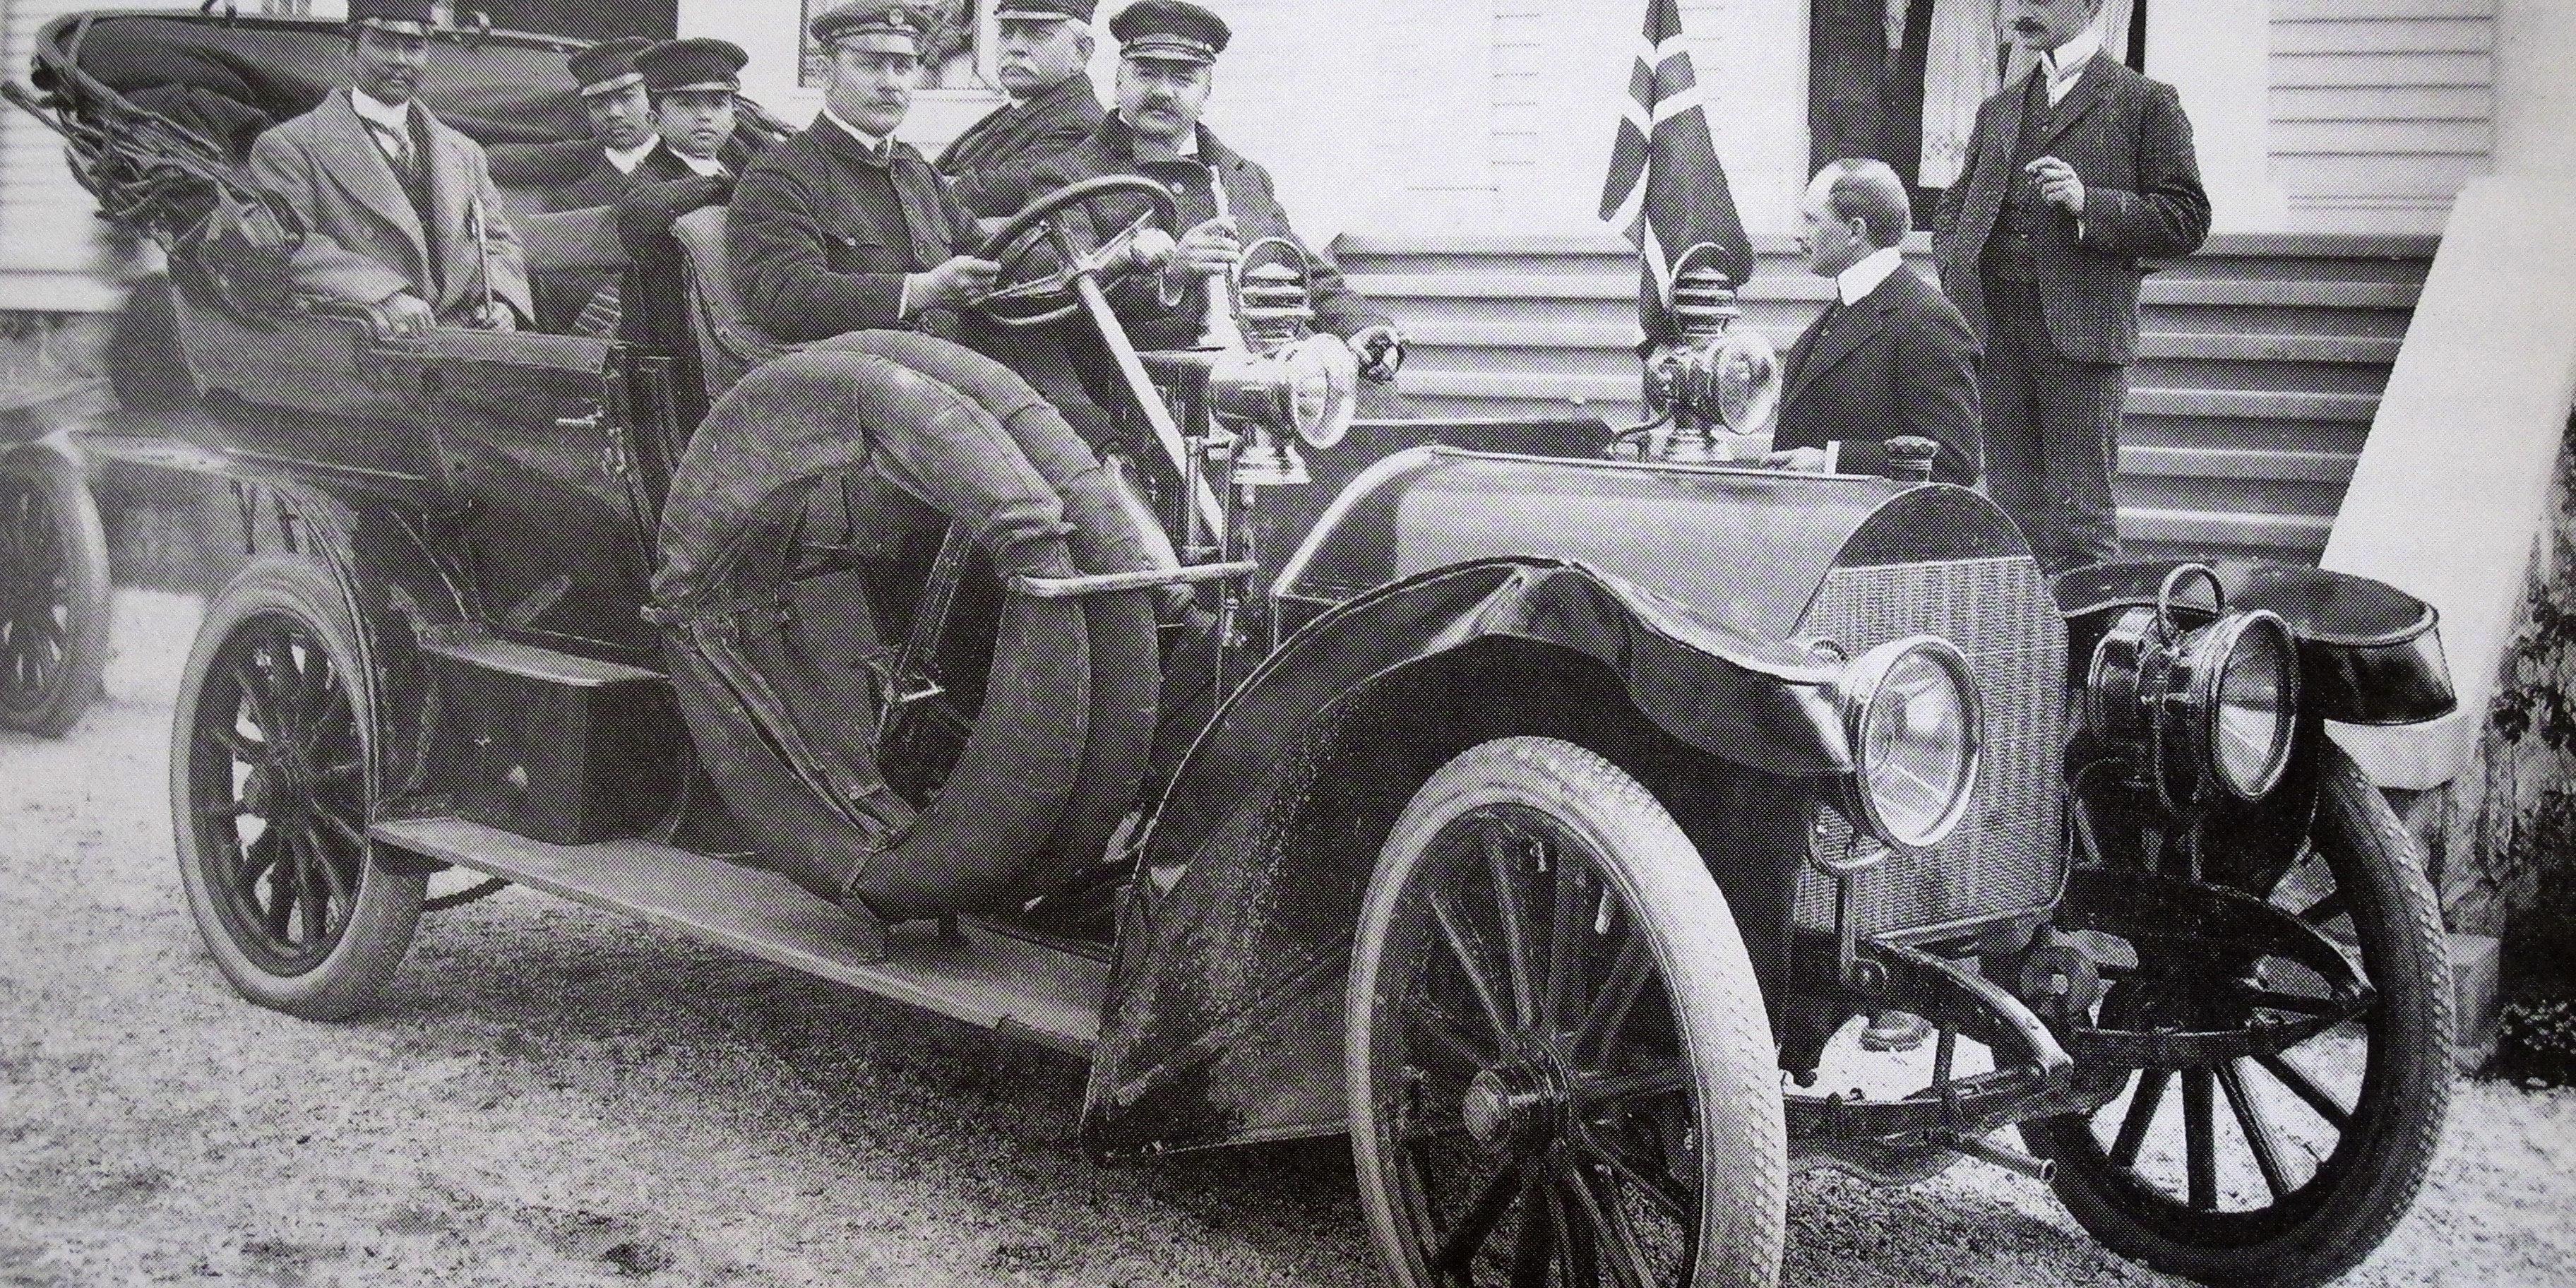 Kong Chulalongkorn og to prinser fotografert i Sam Eydes Mercedes i juli 1907. Eyde selv sitter bak rattet.